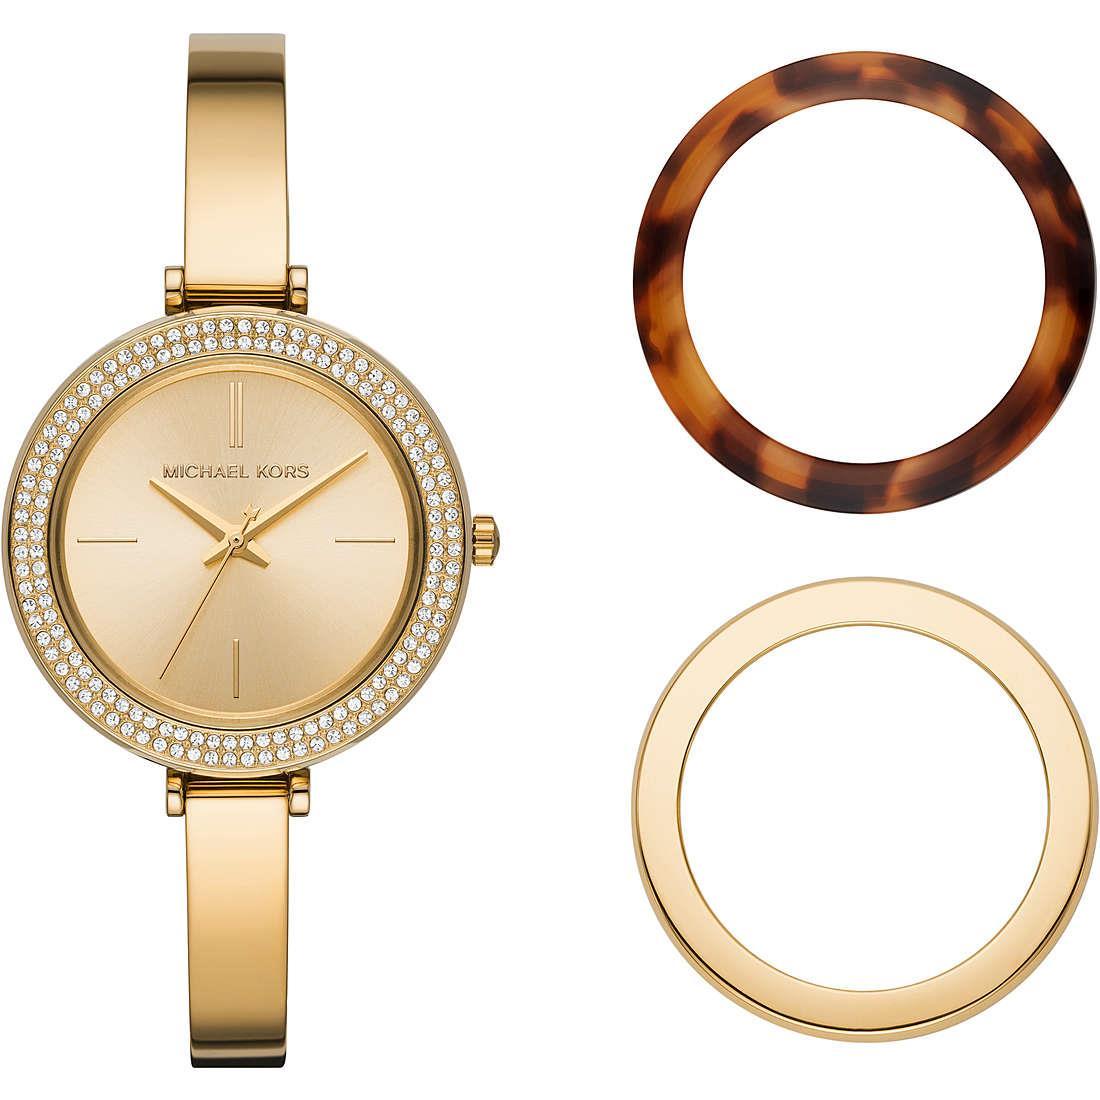 Reloj mujer caja 36mm - MICHAEL KORS